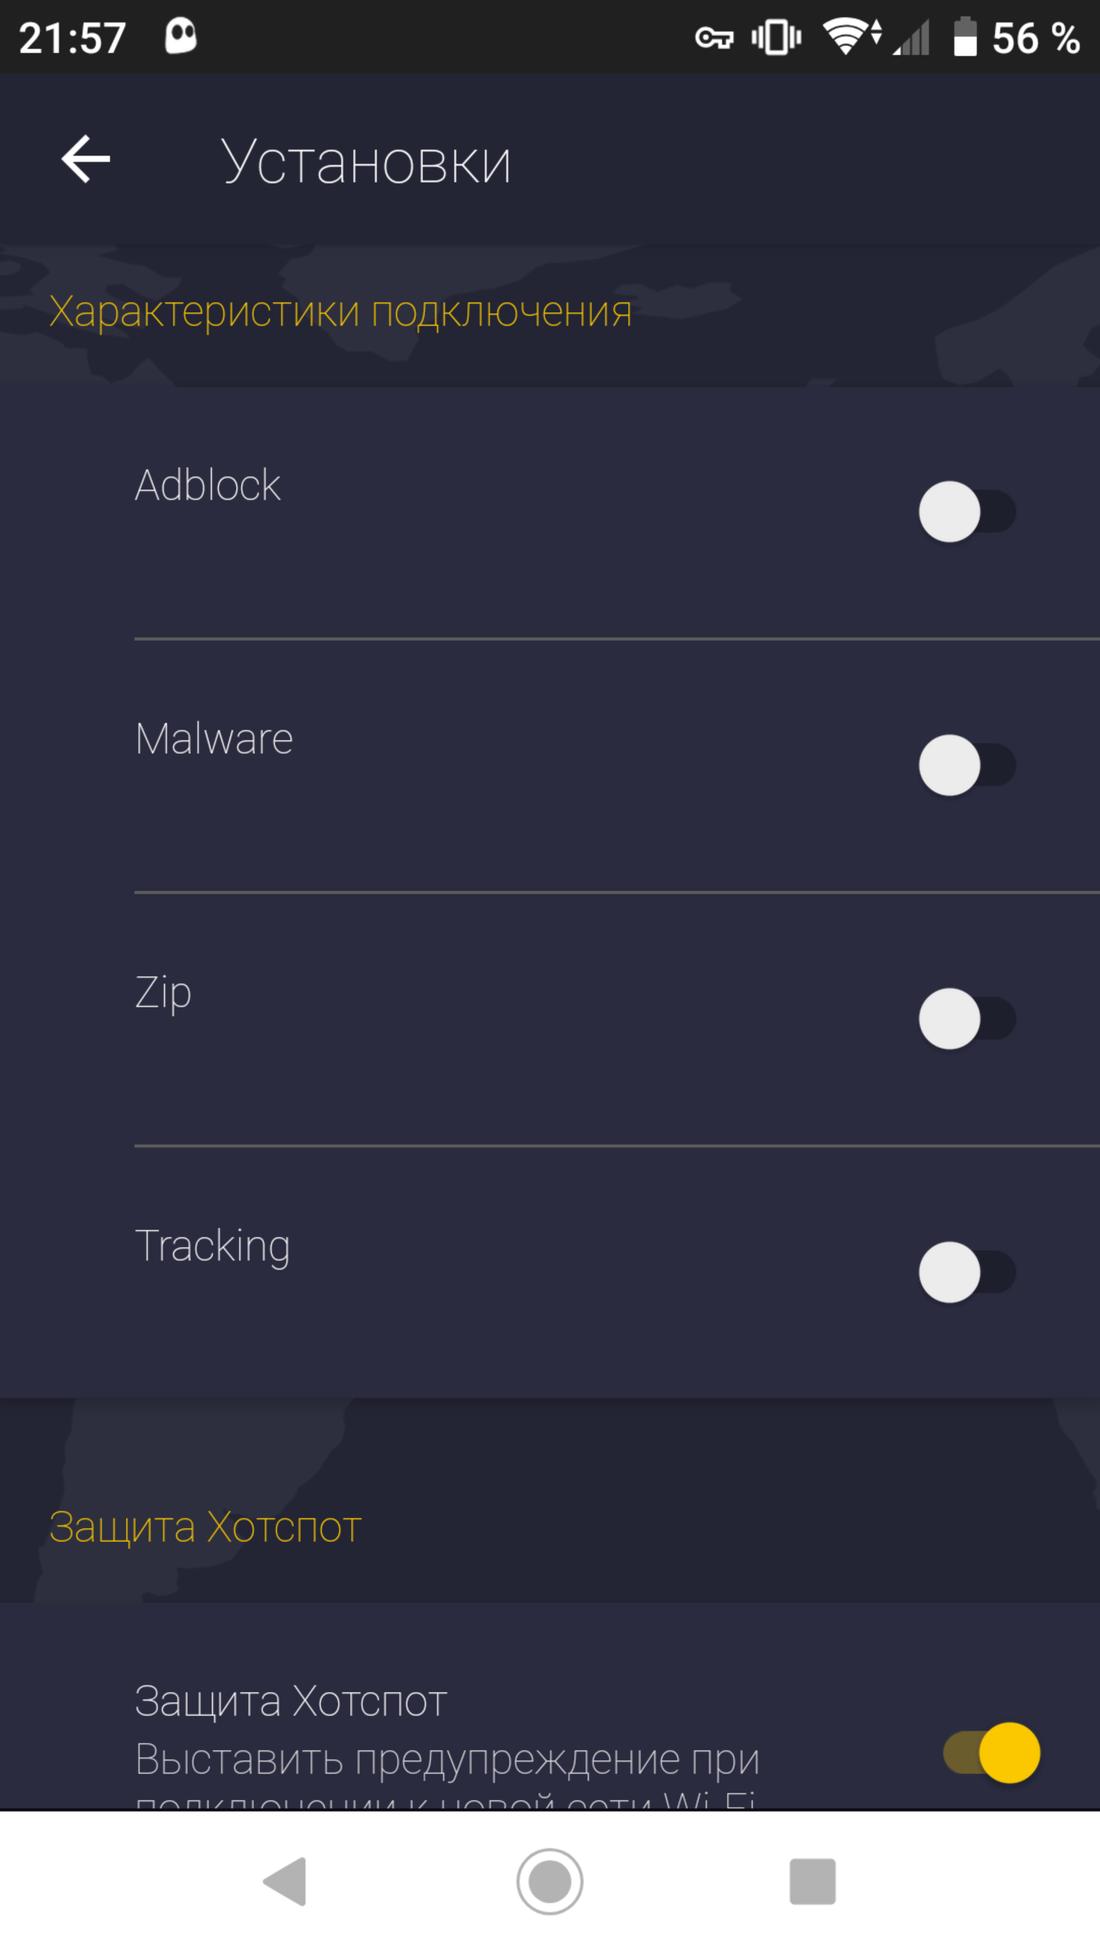 Скриншот #2 из программы CyberGhost VPN